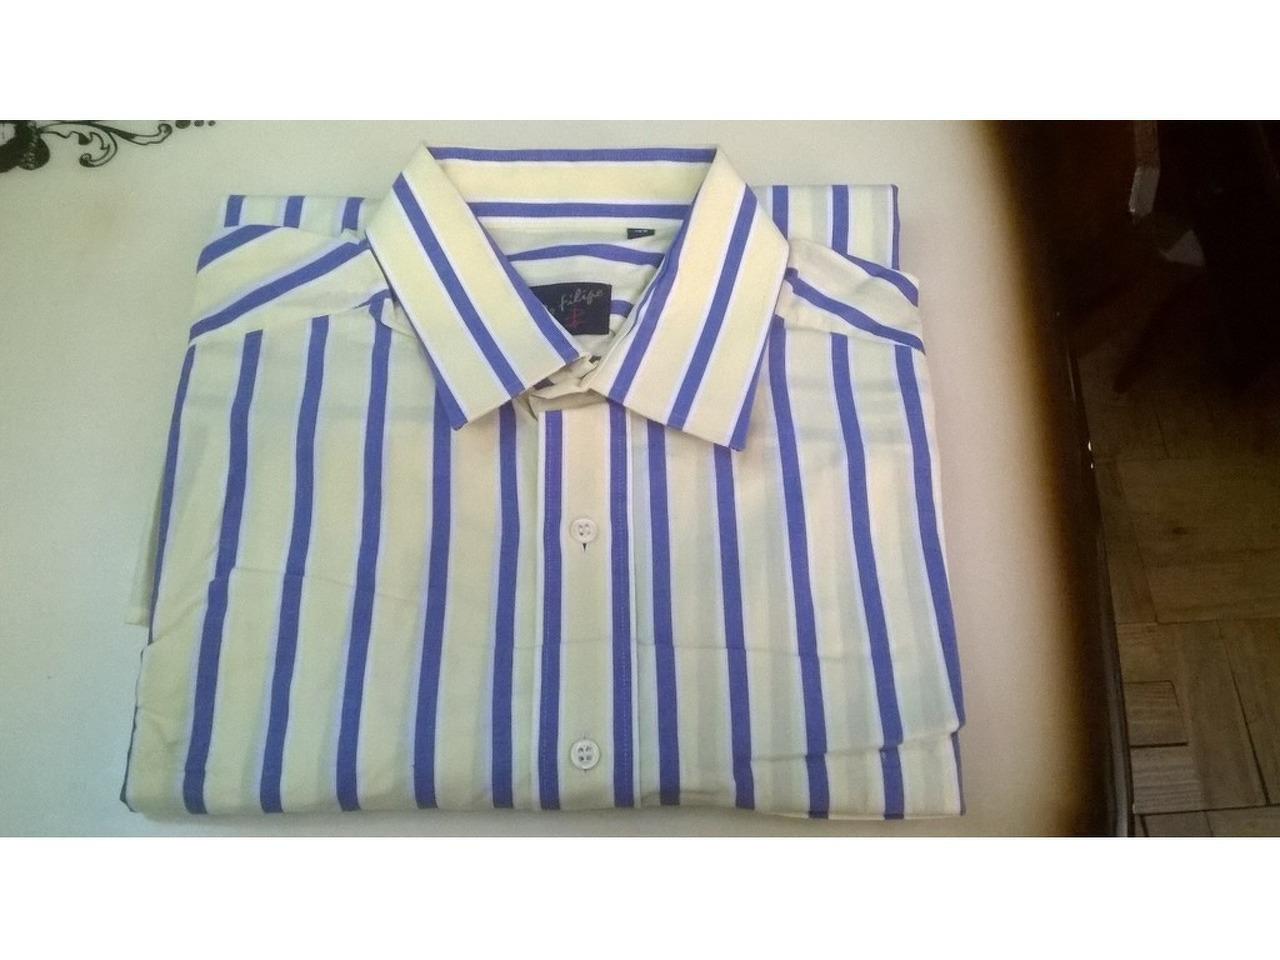 Camisas Califa, Barred's, G.Fellini, A.Milano, etc - 1/7